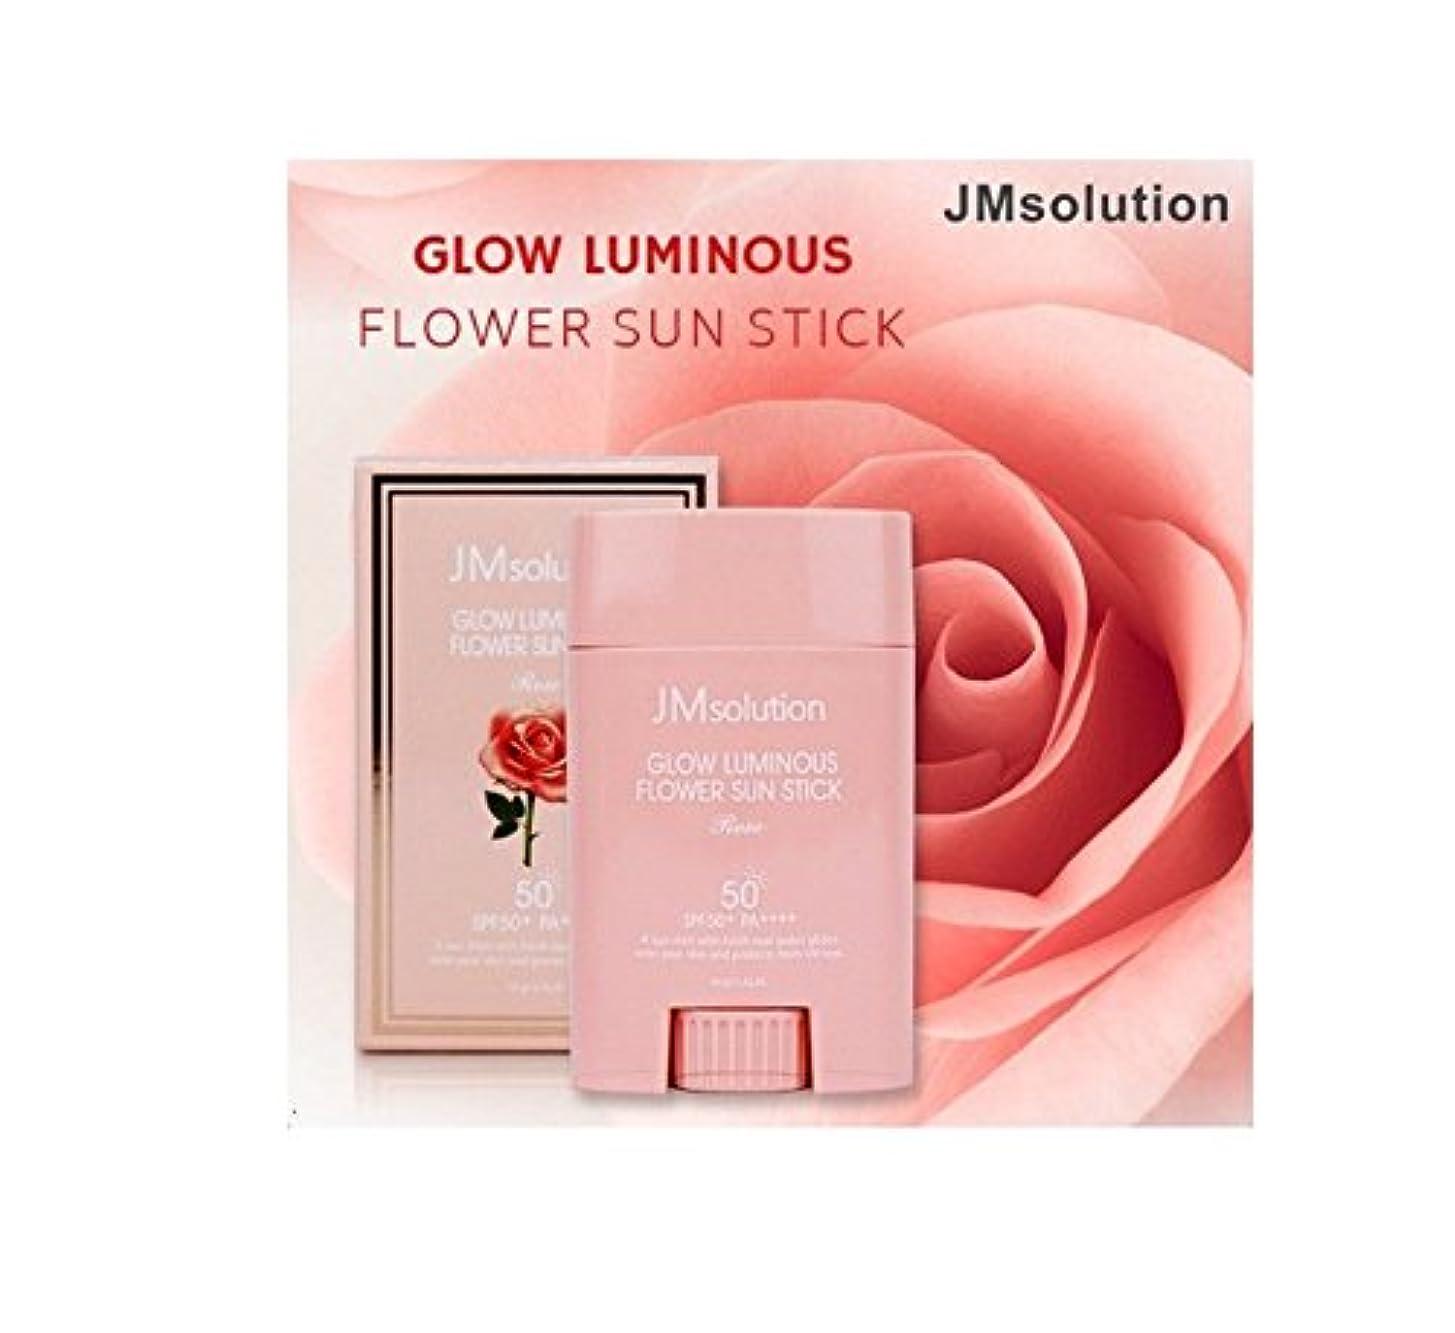 しないでくださいシャイマーケティングJM Solution Glow Luminous Flower Sun Stick Rose 21g (spf50 PA) 光る輝く花Sun Stick Rose